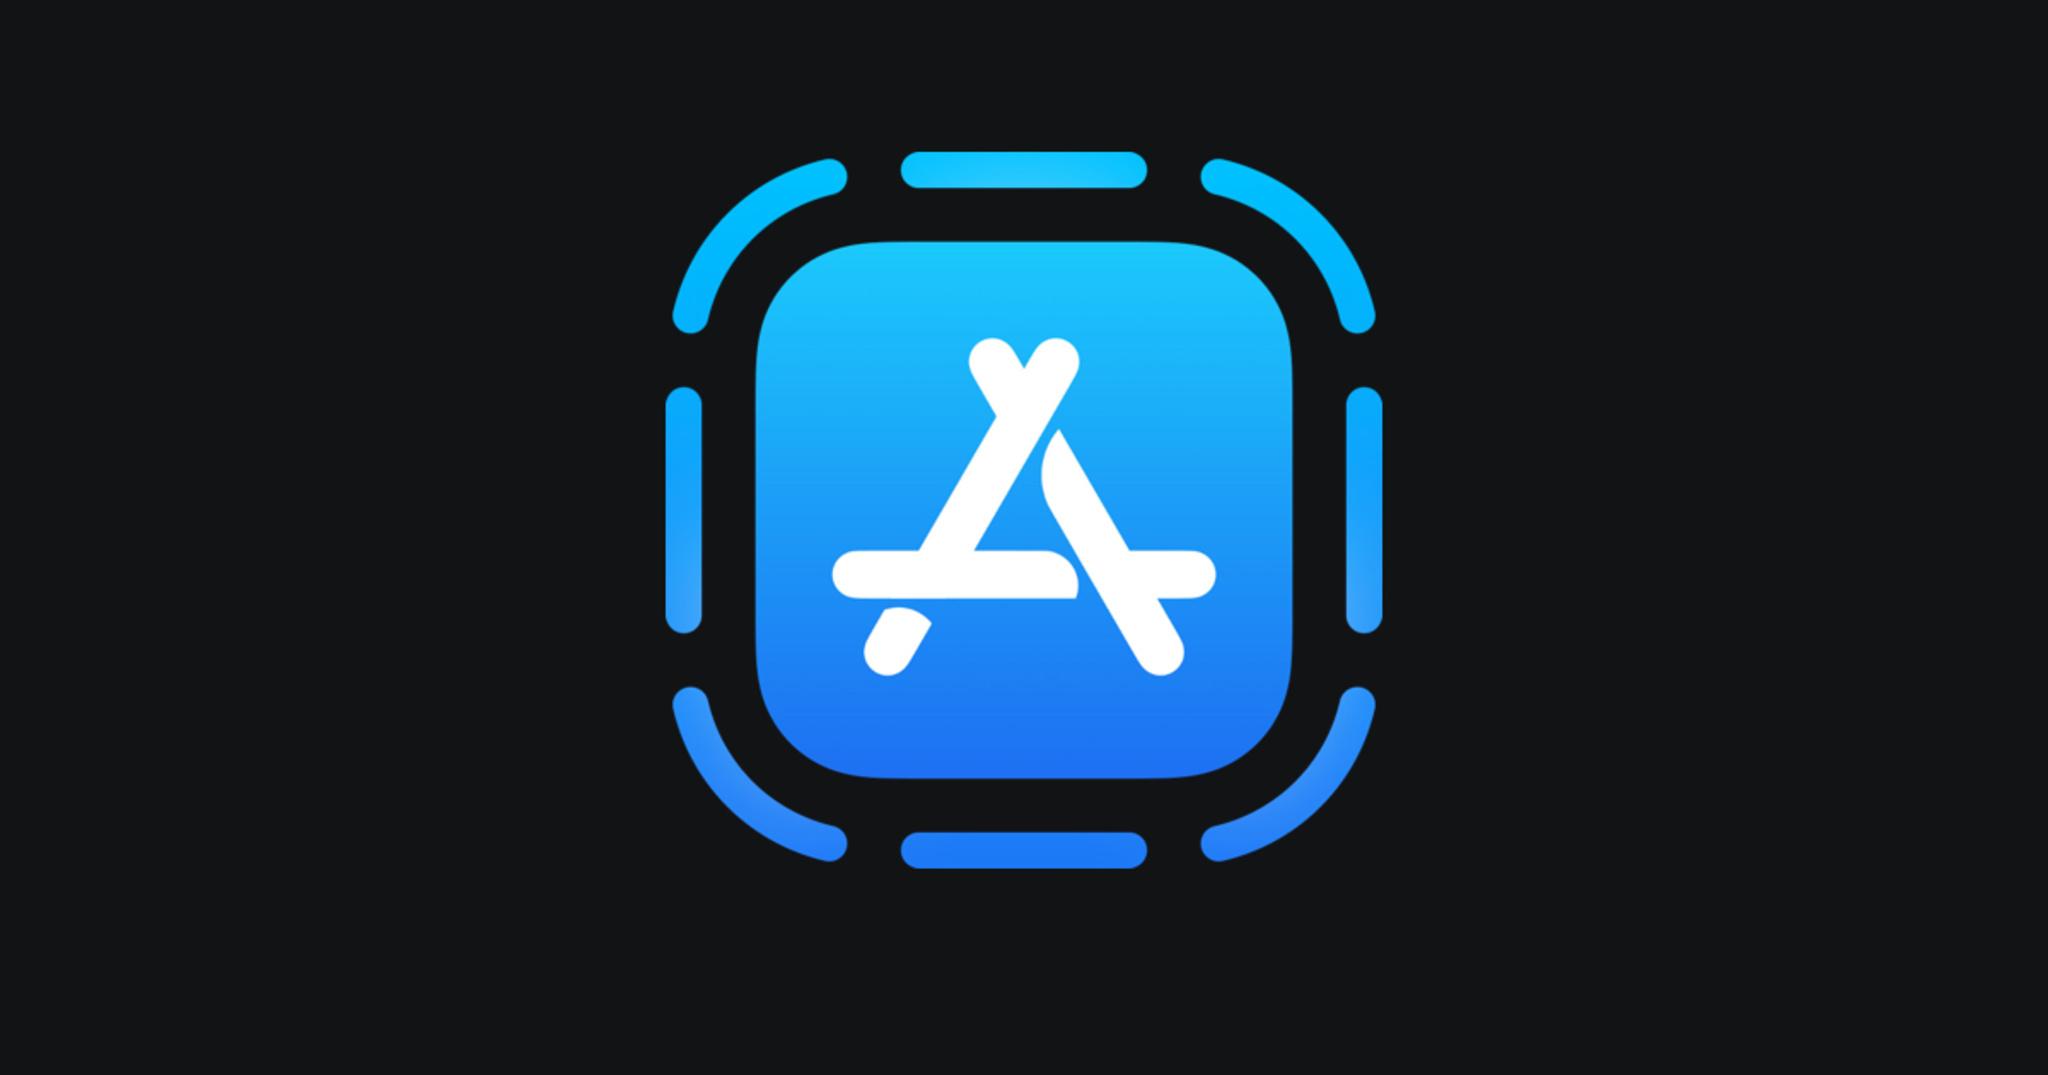 App clips logo